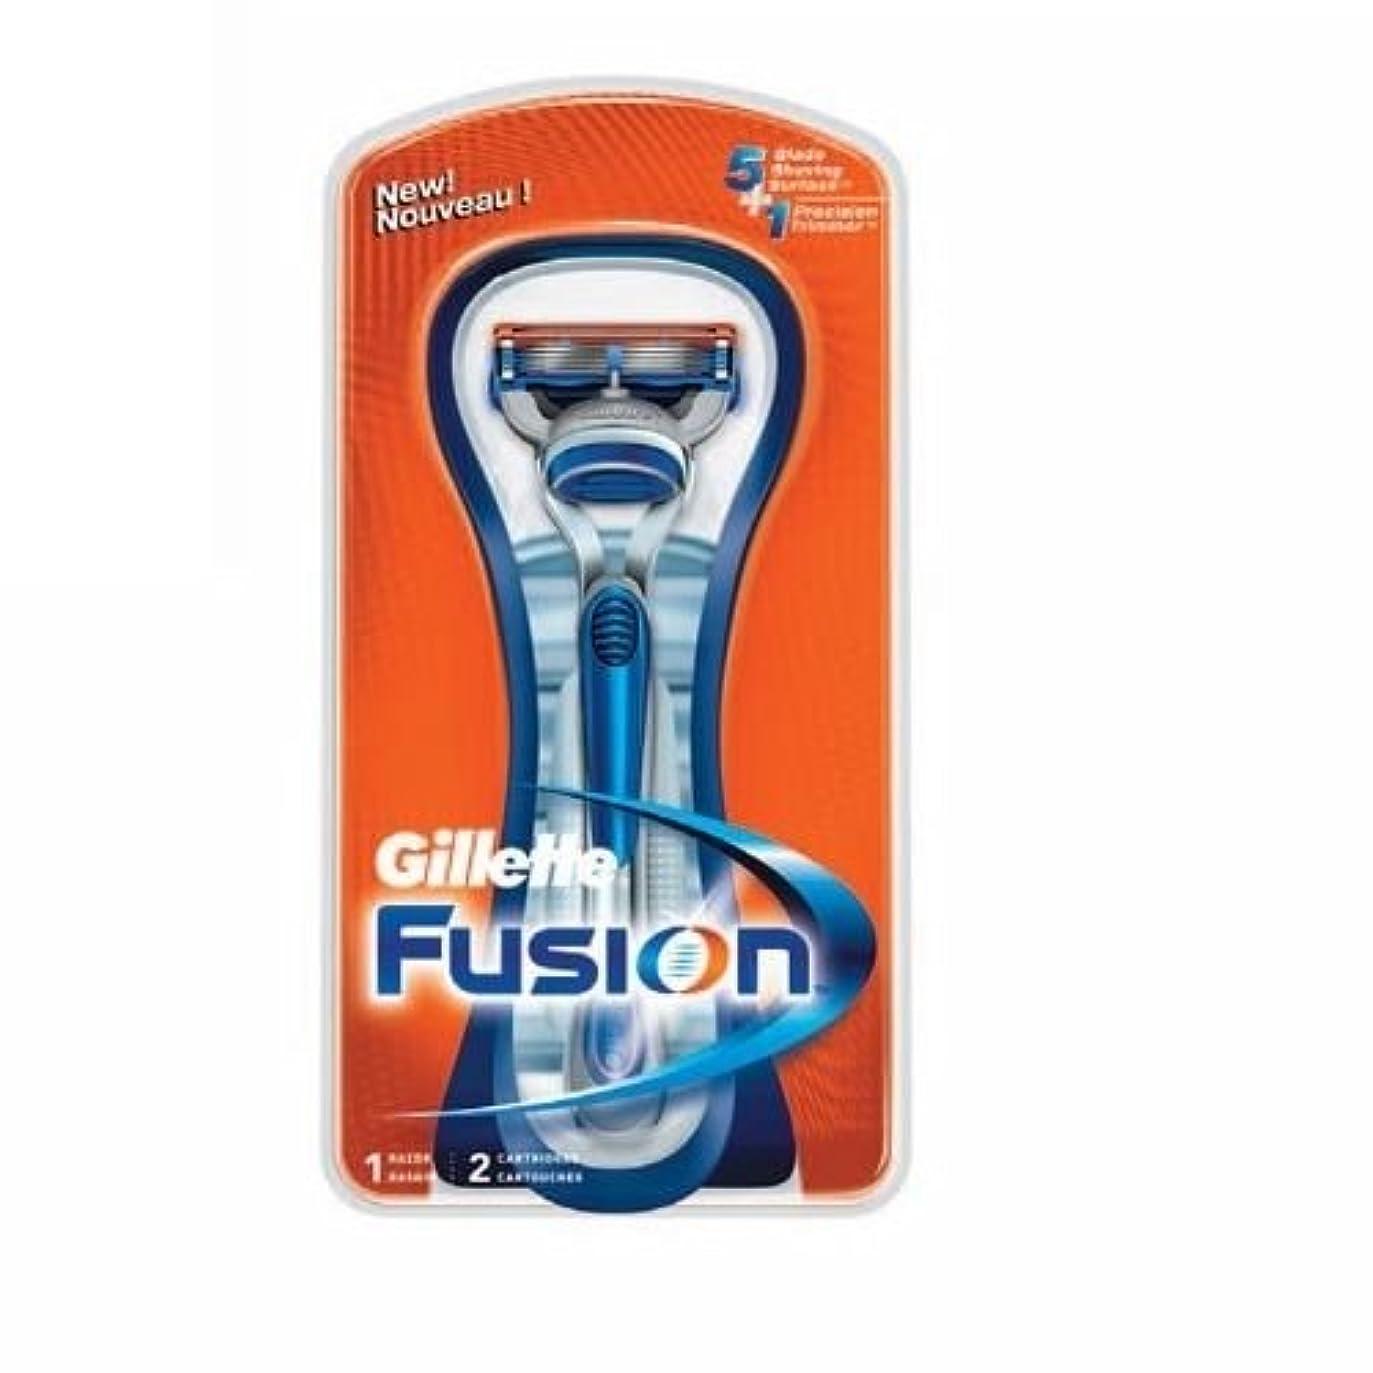 トラフィックパウダー著者Gillette Fusion Manual 2カートリッジ 1レイザー [並行輸入品]